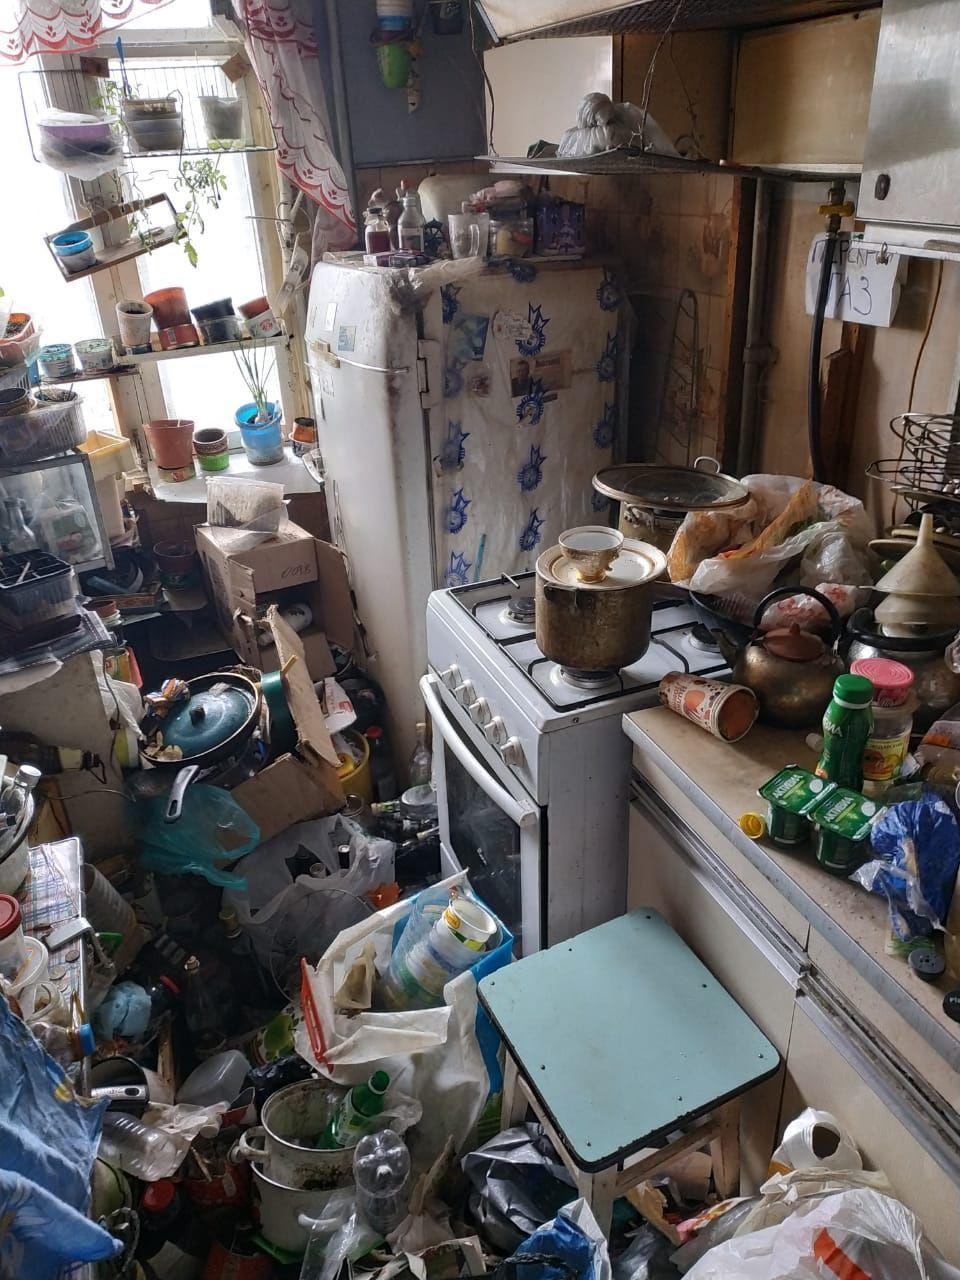 Газовикам пришлось разбирать завалы мусора, чтобы добраться до плиты.